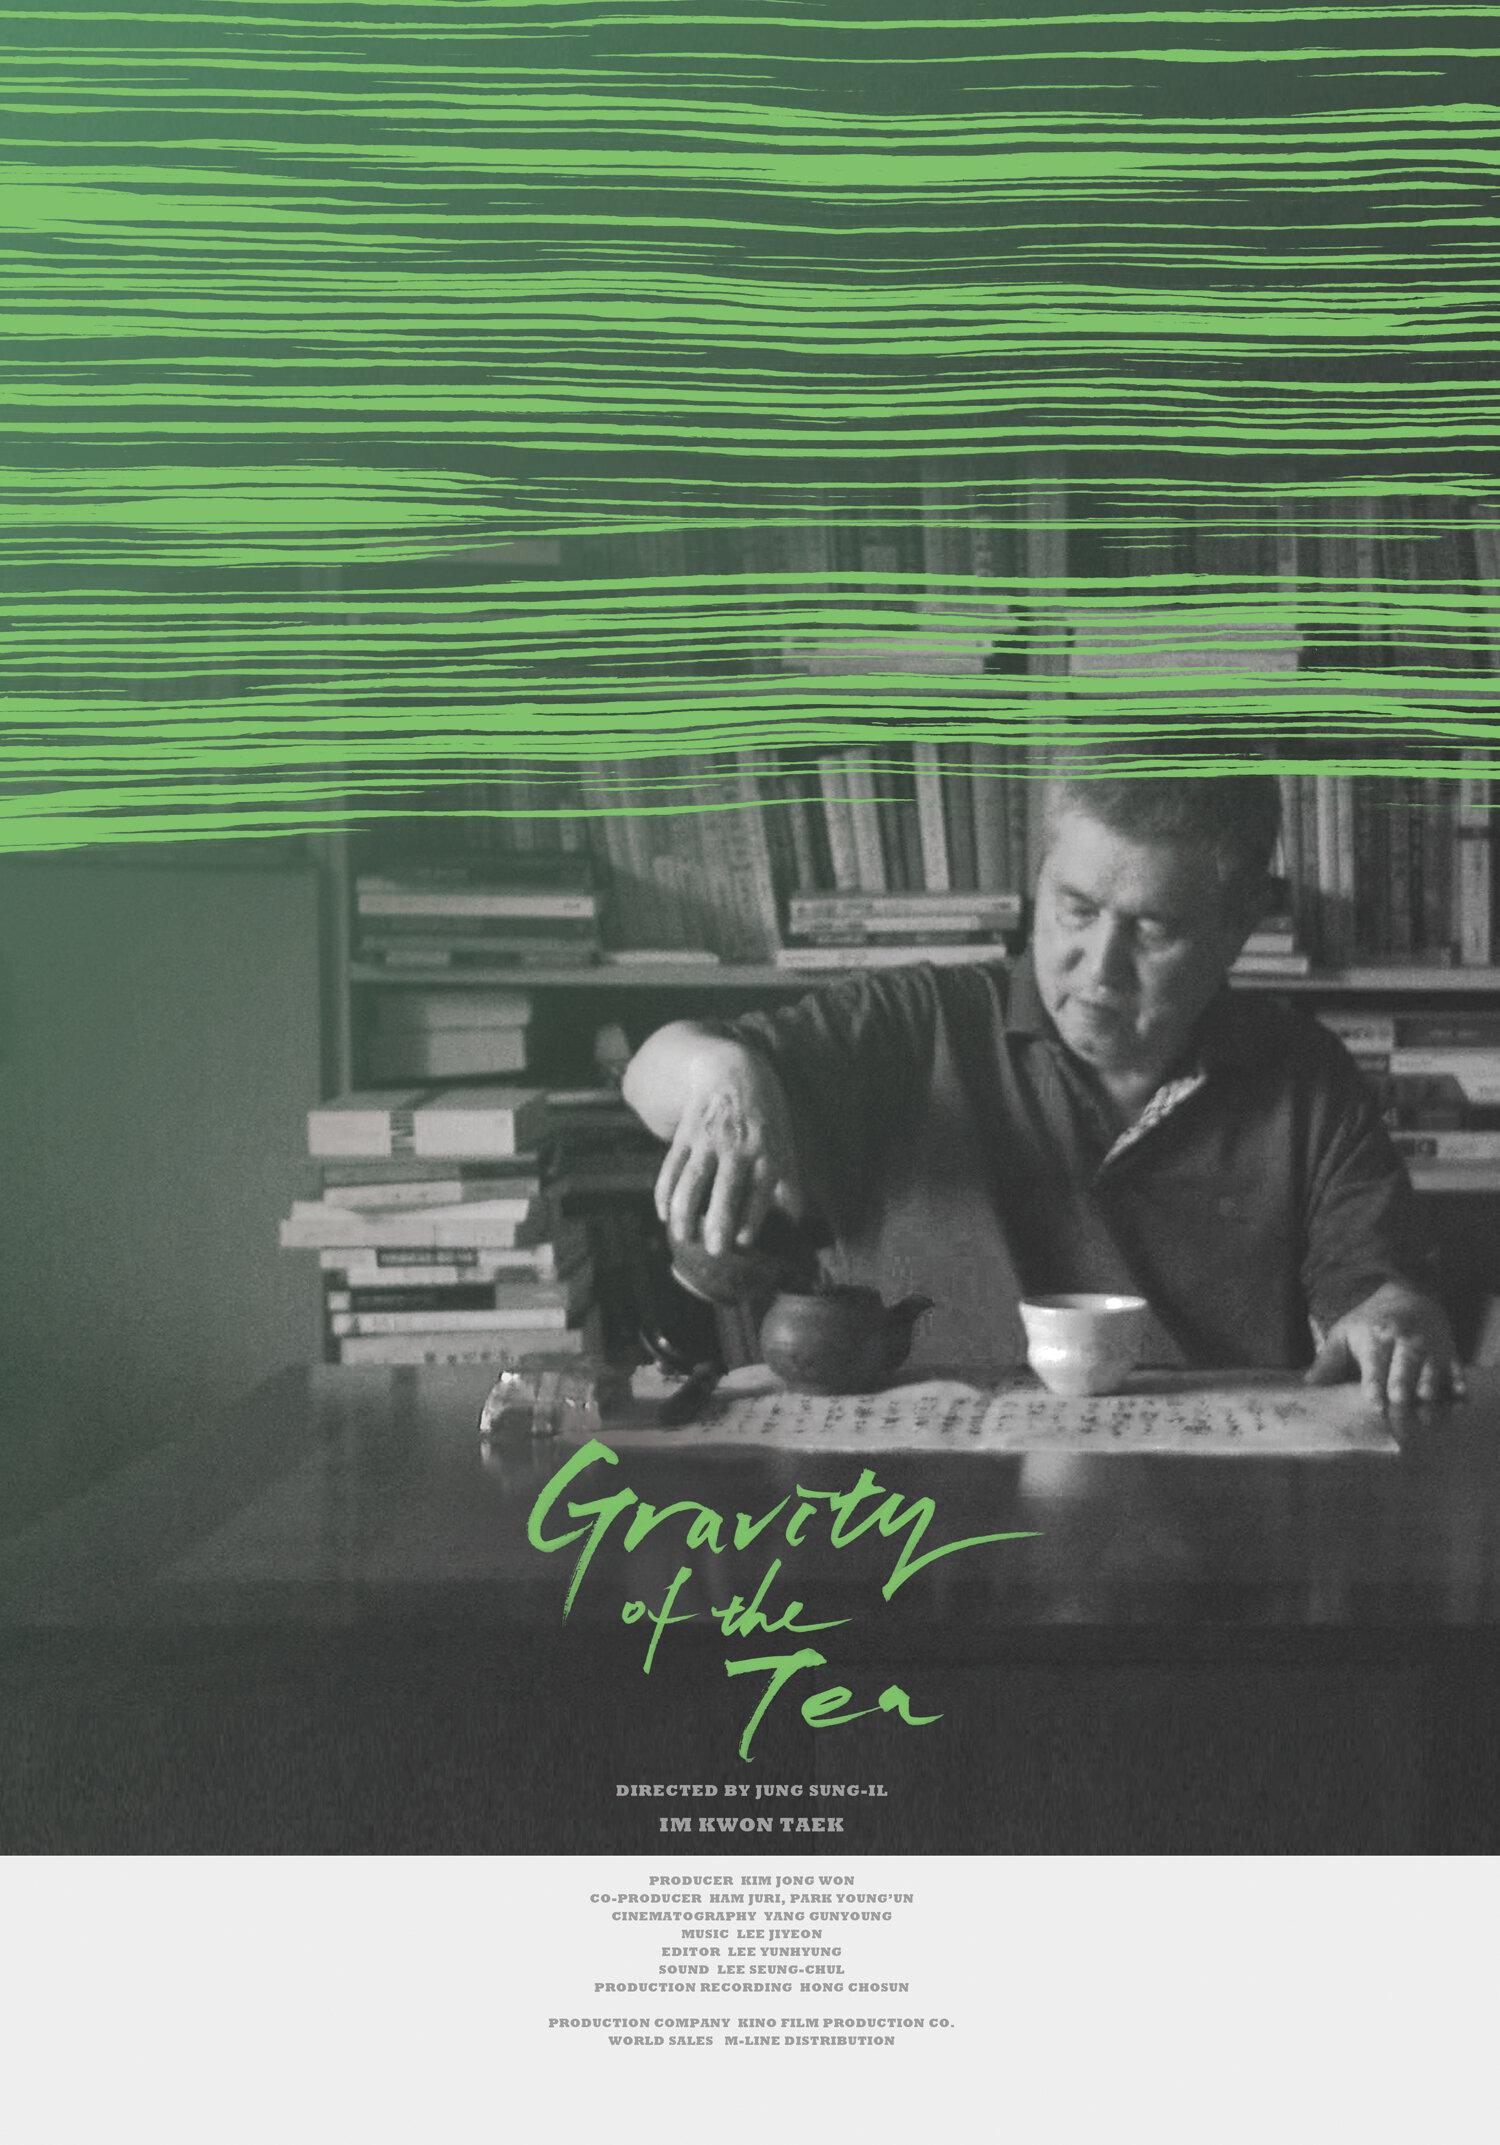 GravityOfTheTea.jpg